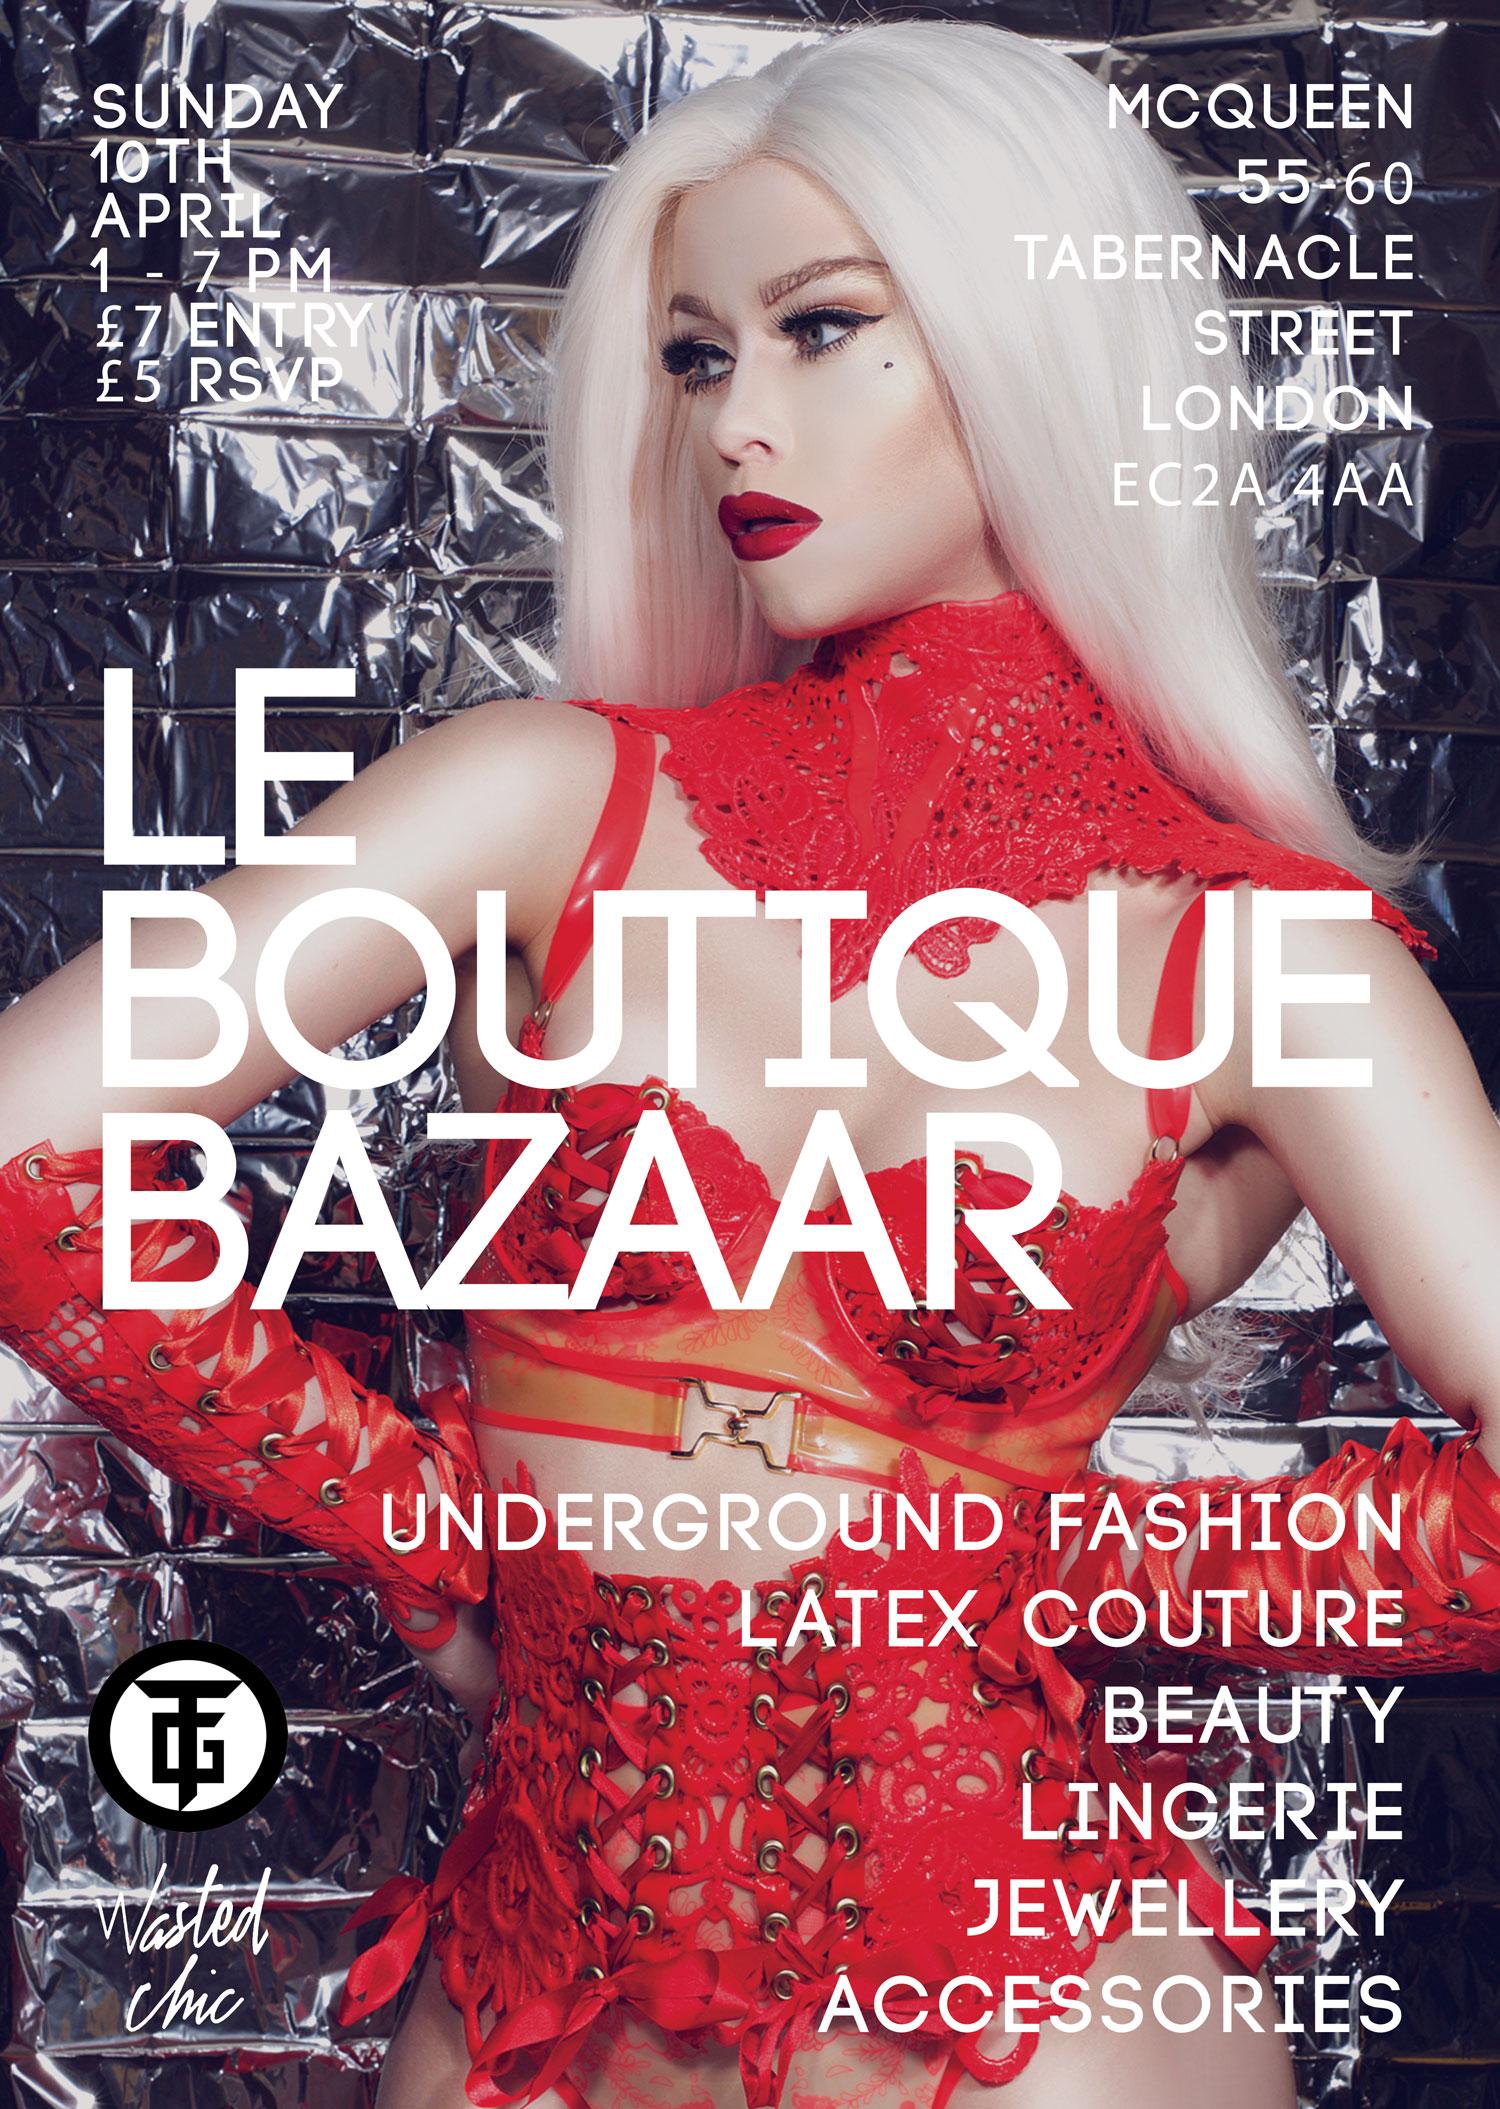 Le Boutique Bazaar- Springtime Soiree & TG 25 outfit special